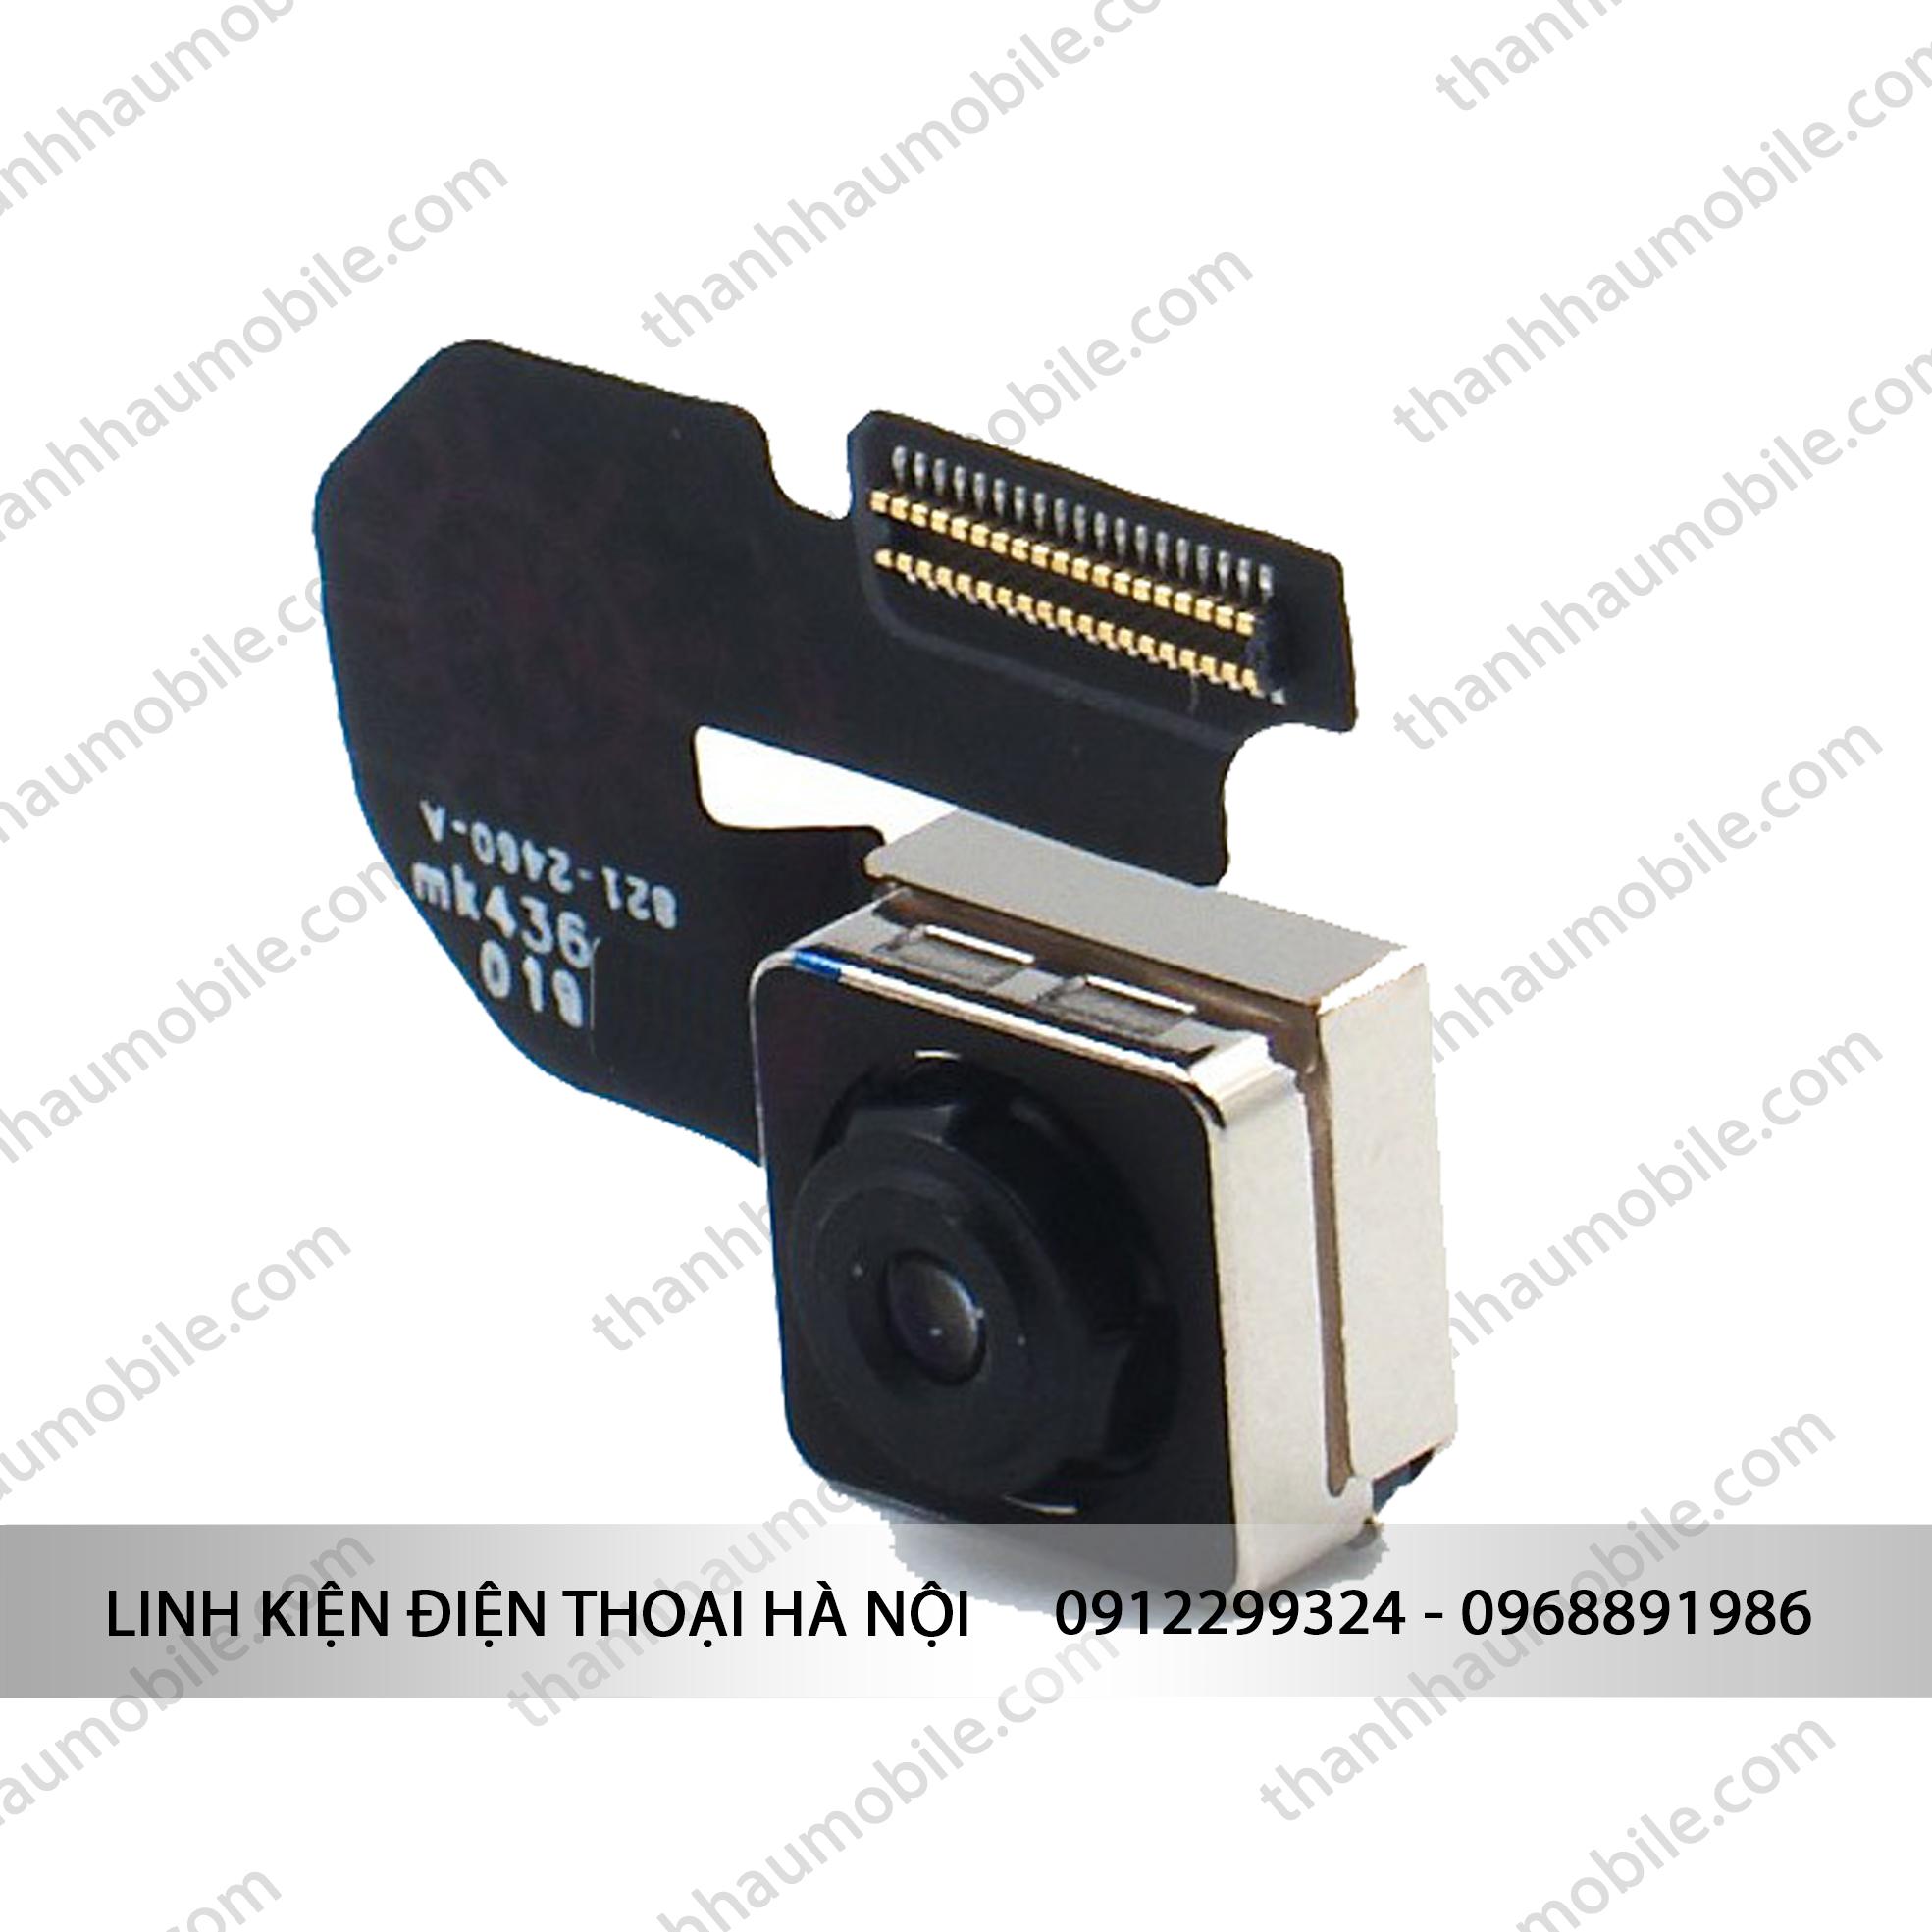 Bán camera iphone 6 giá rẻ tại Hà Nội | Linh kiện iphone chính hãng